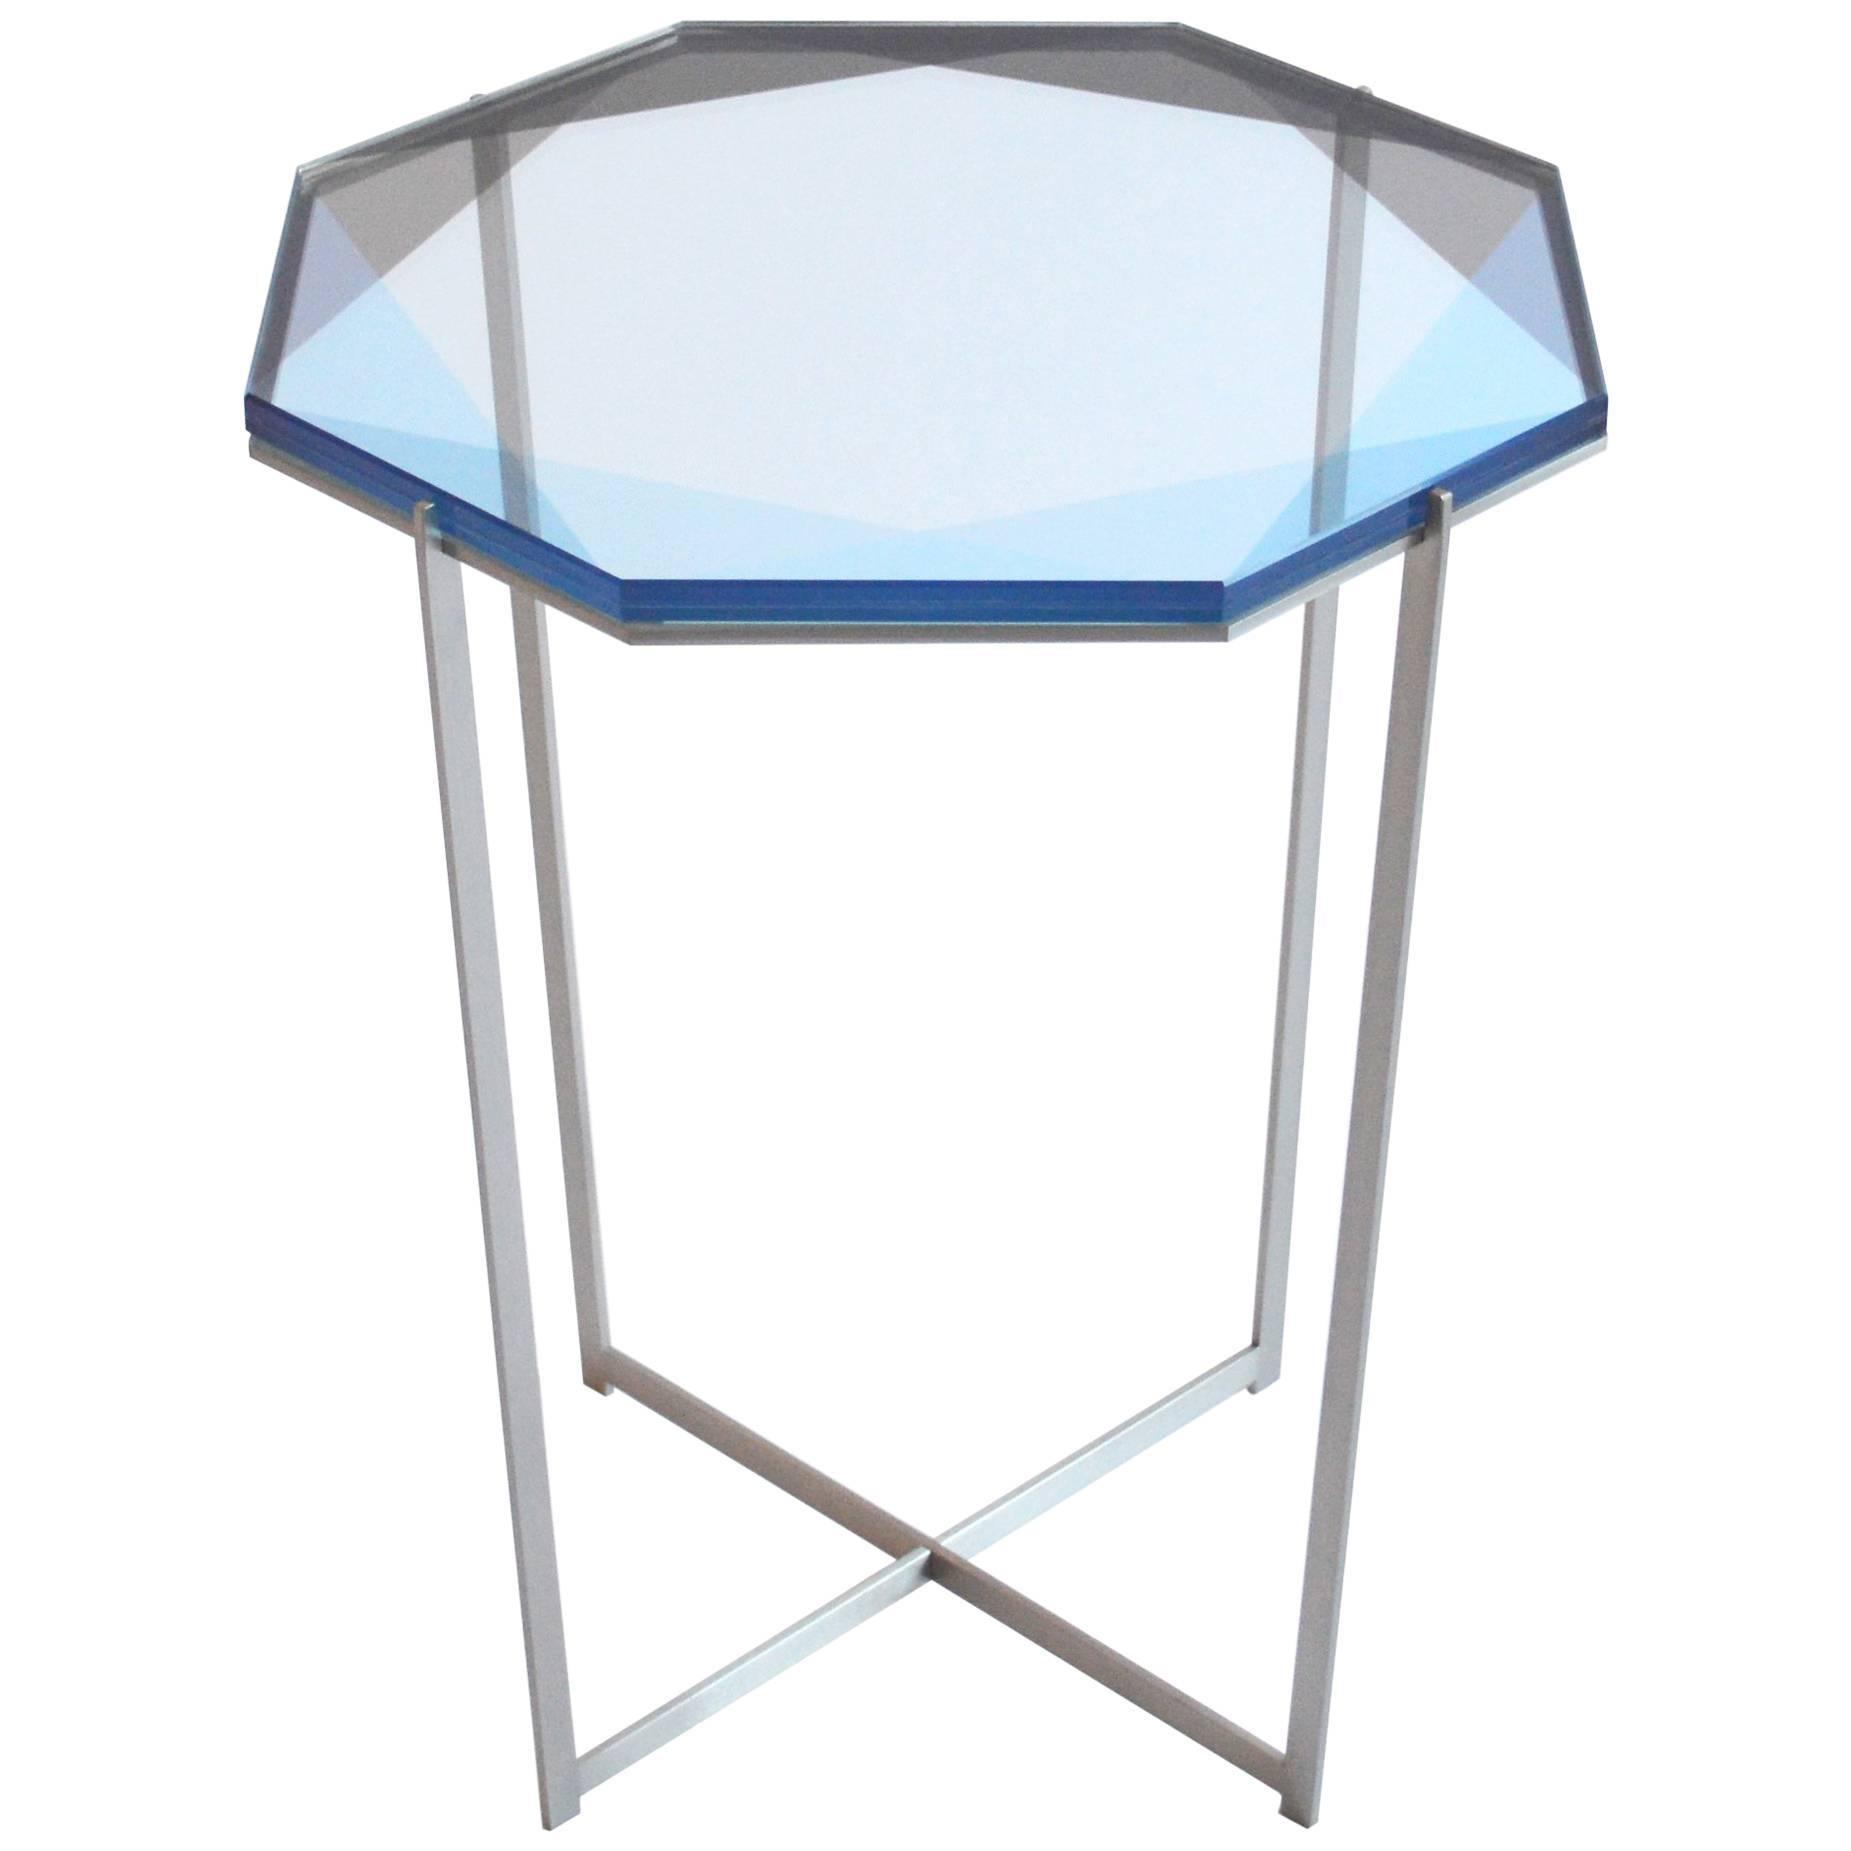 Gem Side Table - Blue Glass w/ Stainless Steel Base by Debra Folz